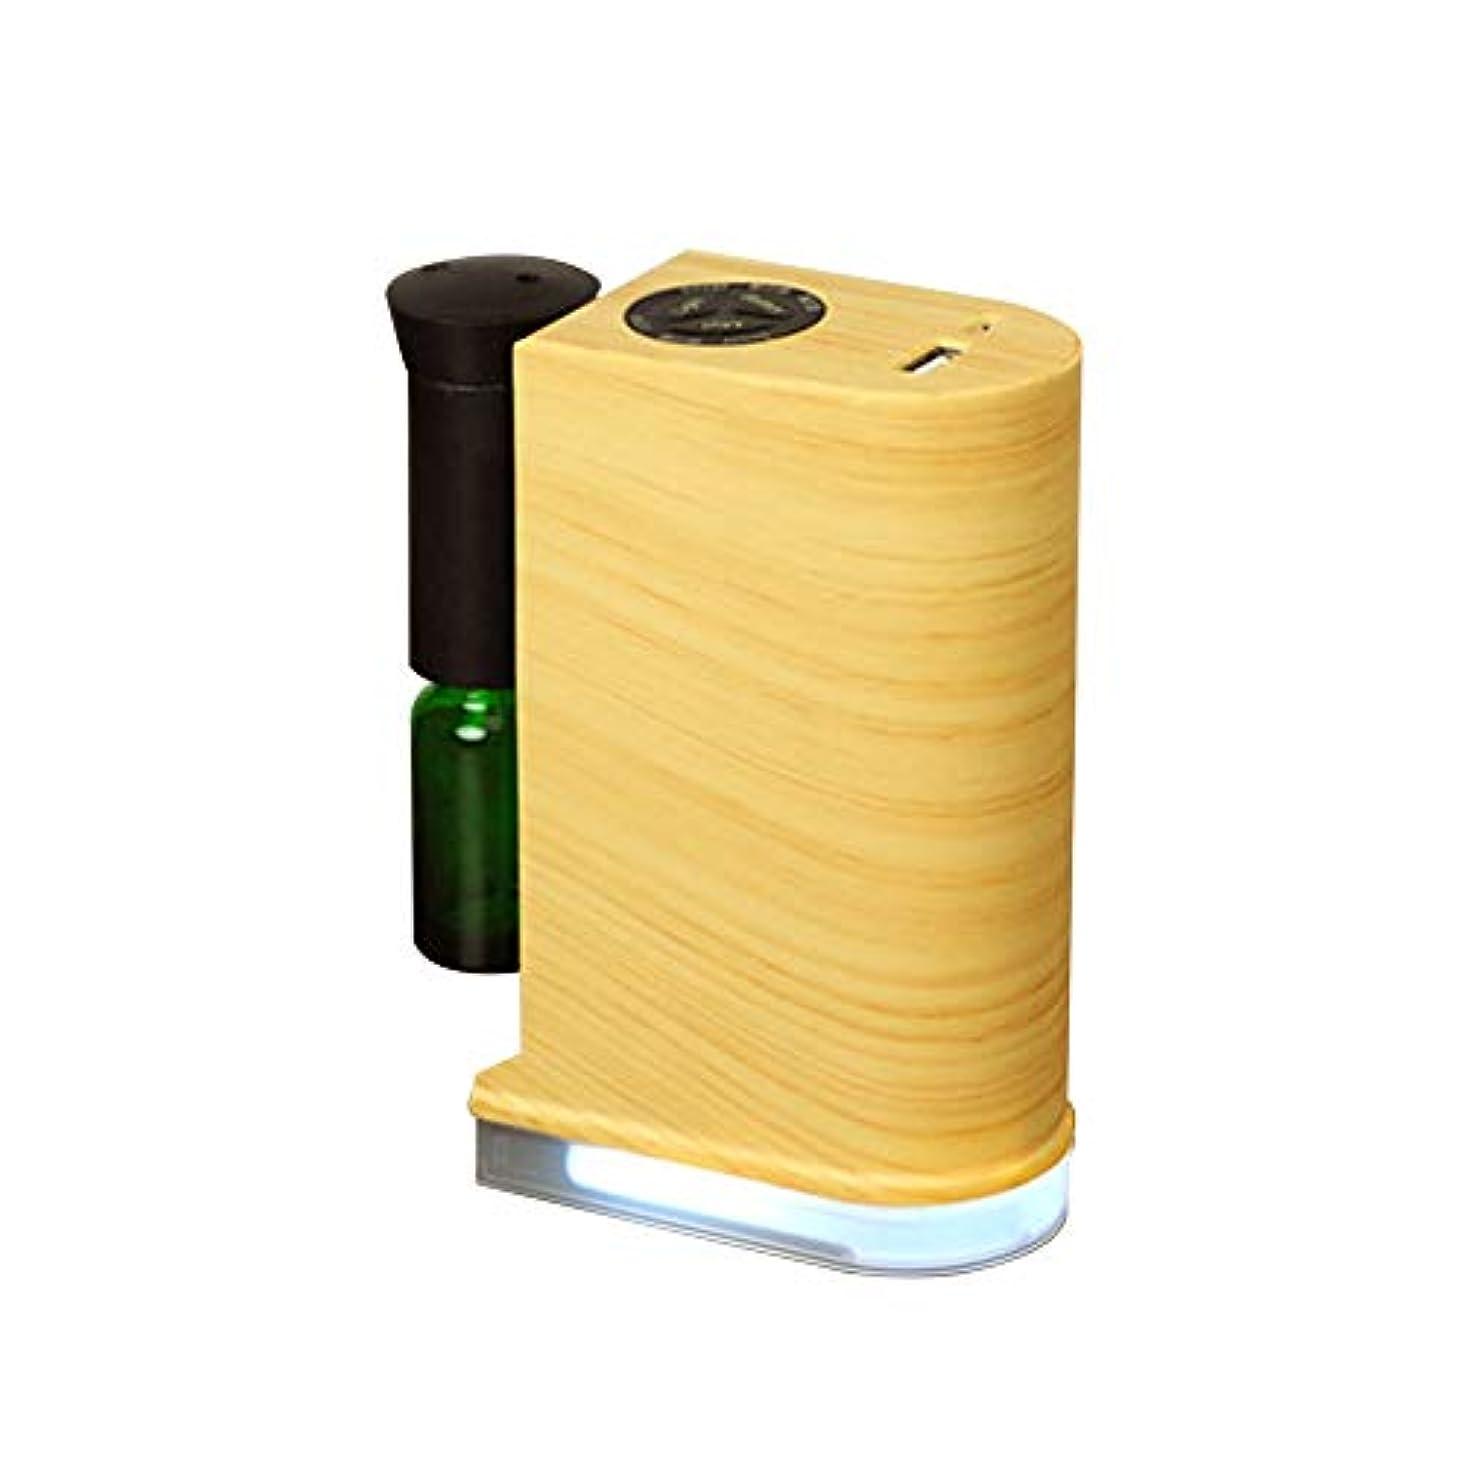 スチュワード非公式滴下ネブライザー式アロマディフューザー 水を使わない アロマオイル対応 LEDライト付き スマホ充電可能 USBポート付き 木目調 (ナチュラル)